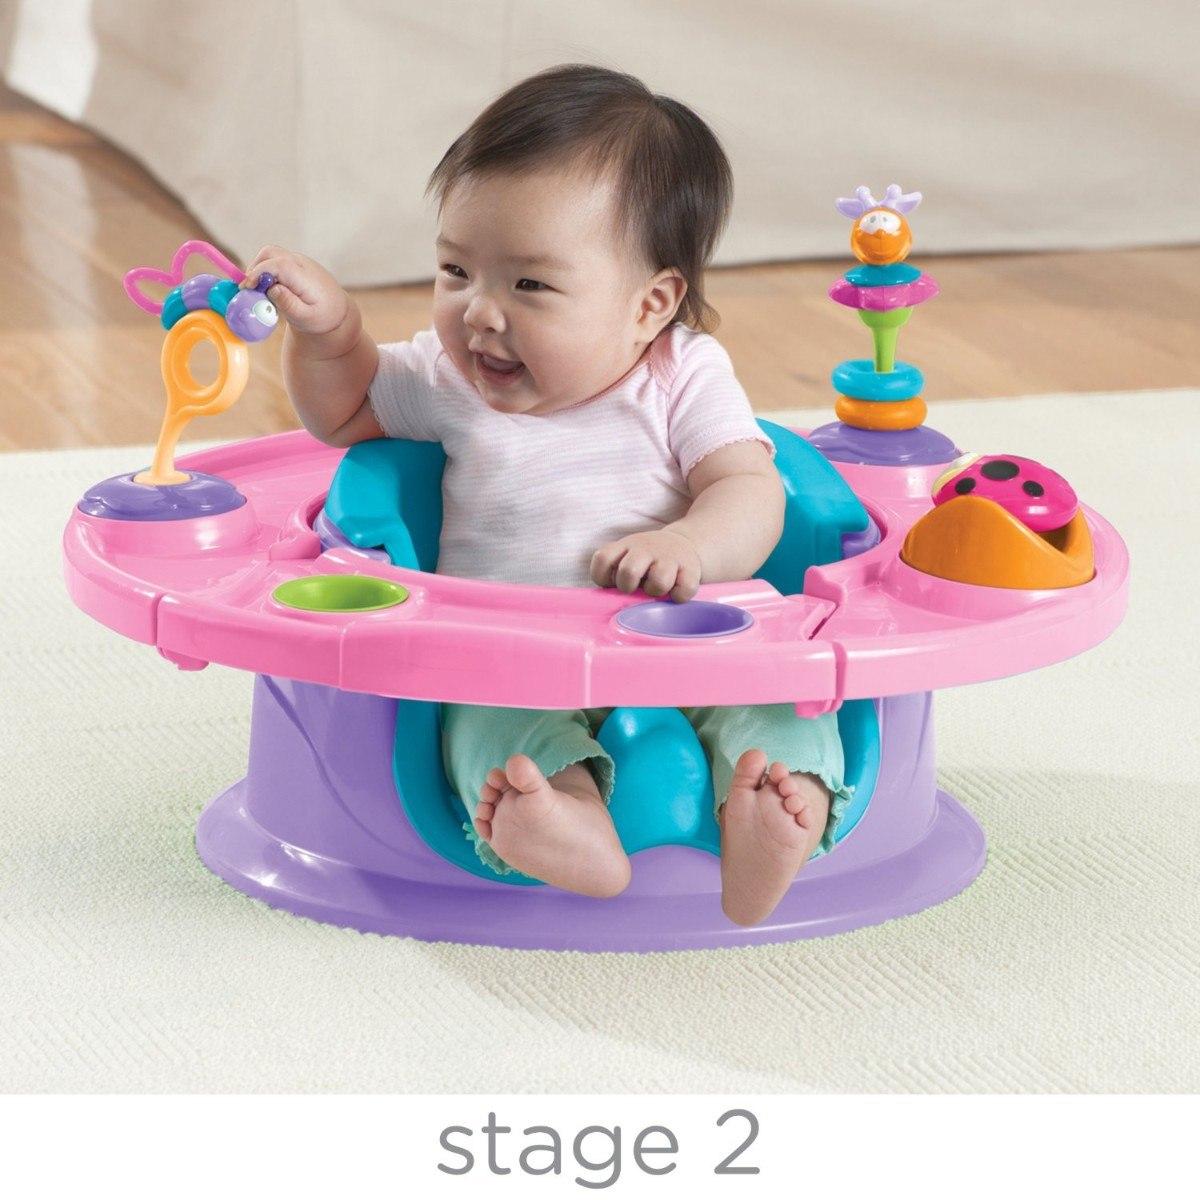 Silla estilo bumbo para beb 3 en 1 asiento juegos for Asiento de bebe para auto